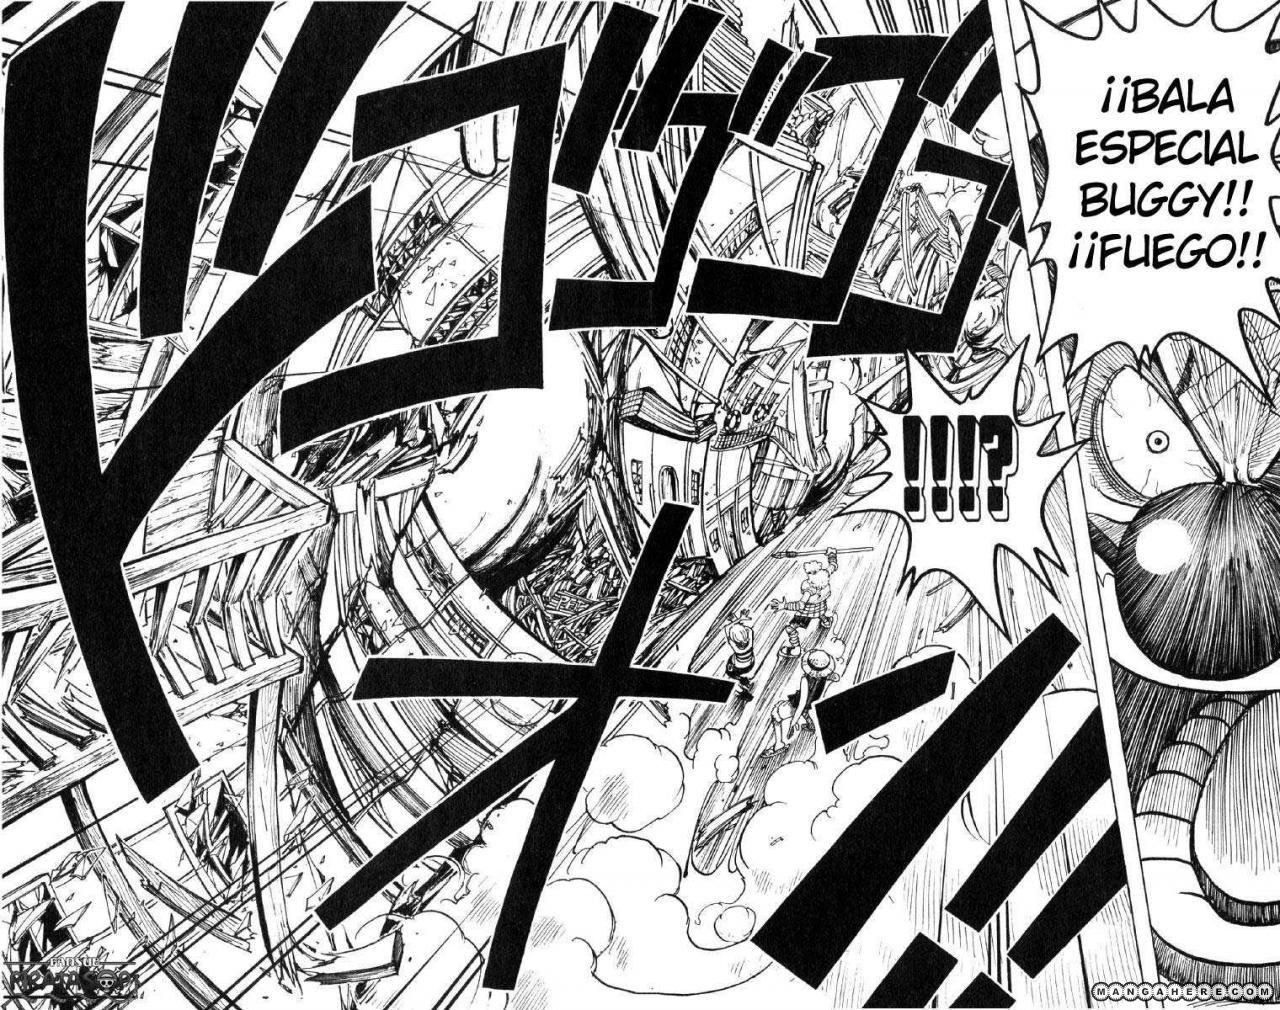 https://c5.ninemanga.com/es_manga/50/114/309118/ade022cfc5a5e59959b5df2e4c0cd06a.jpg Page 10